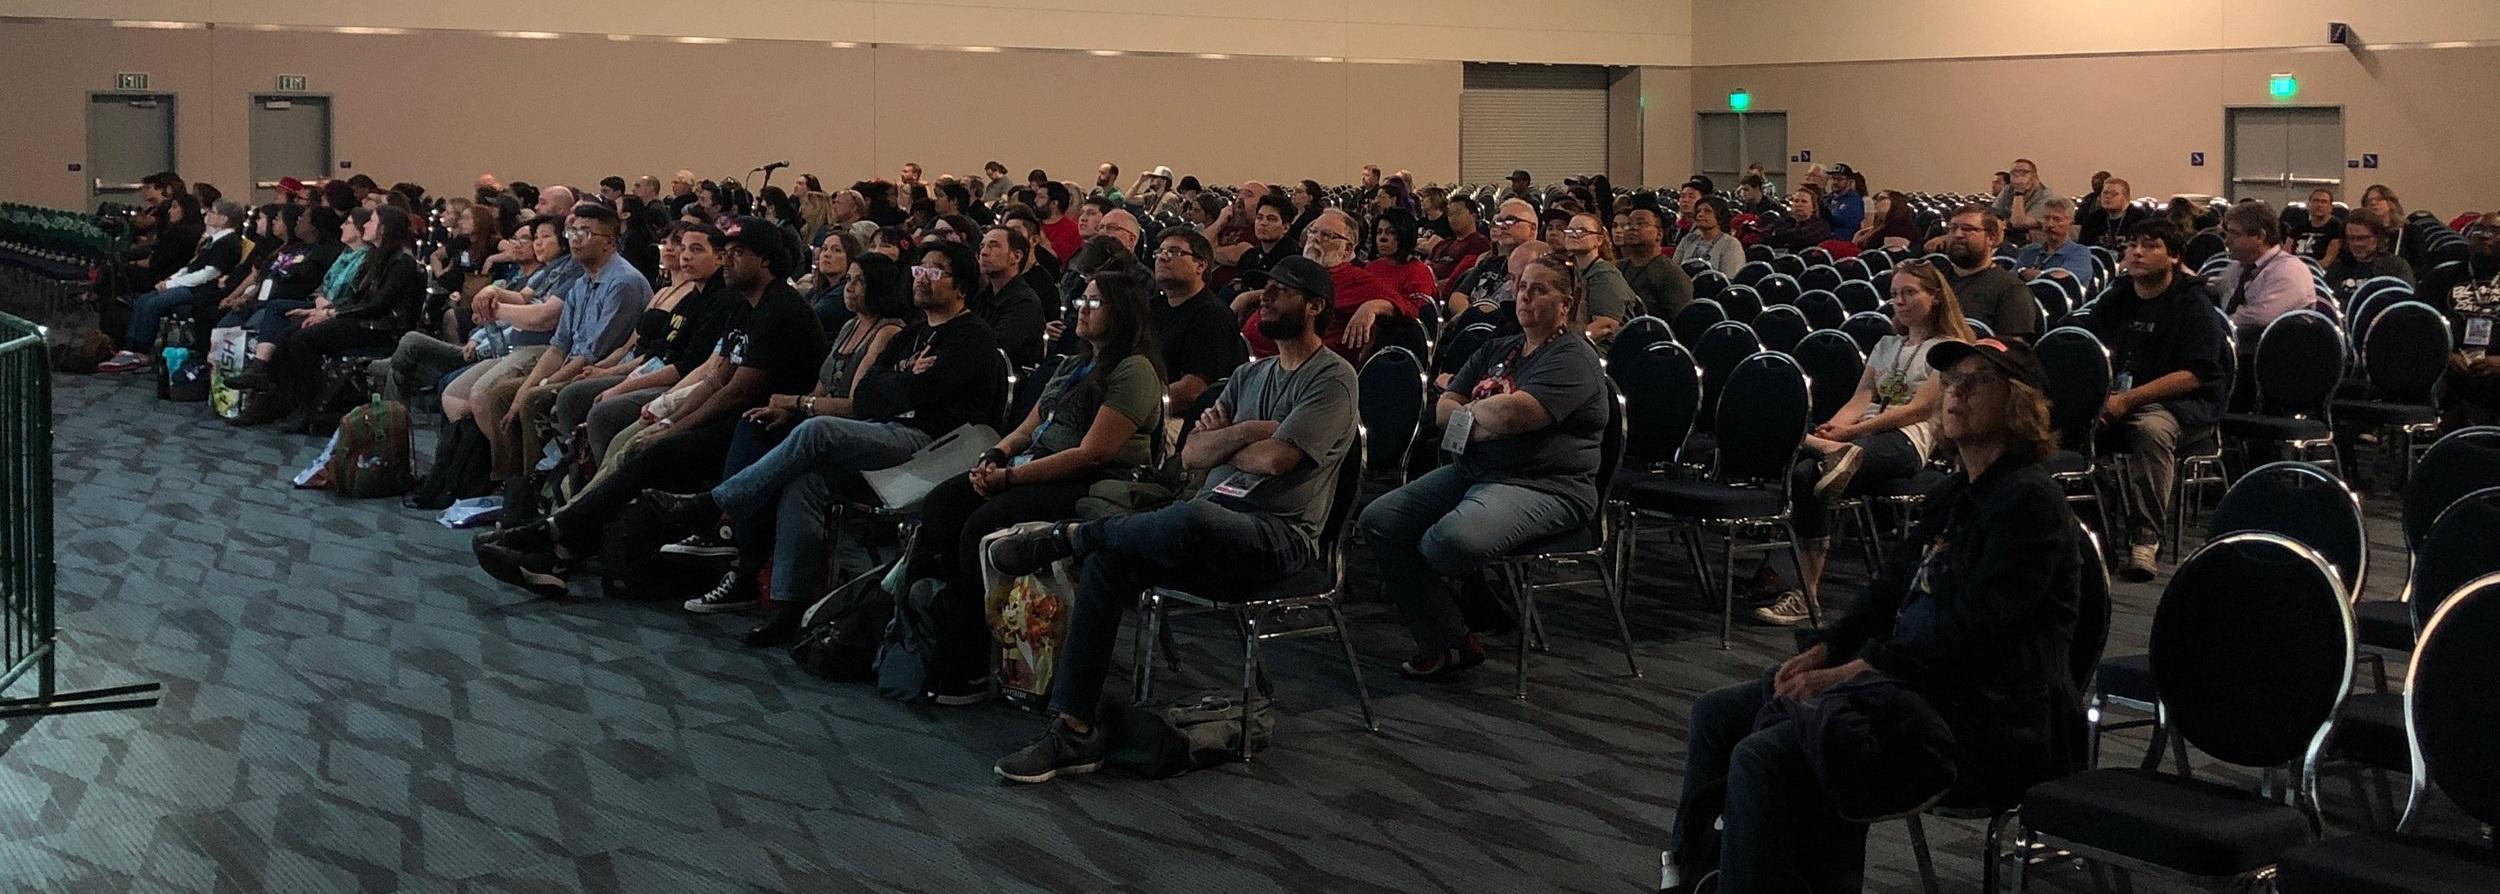 Panel-Audience.jpg